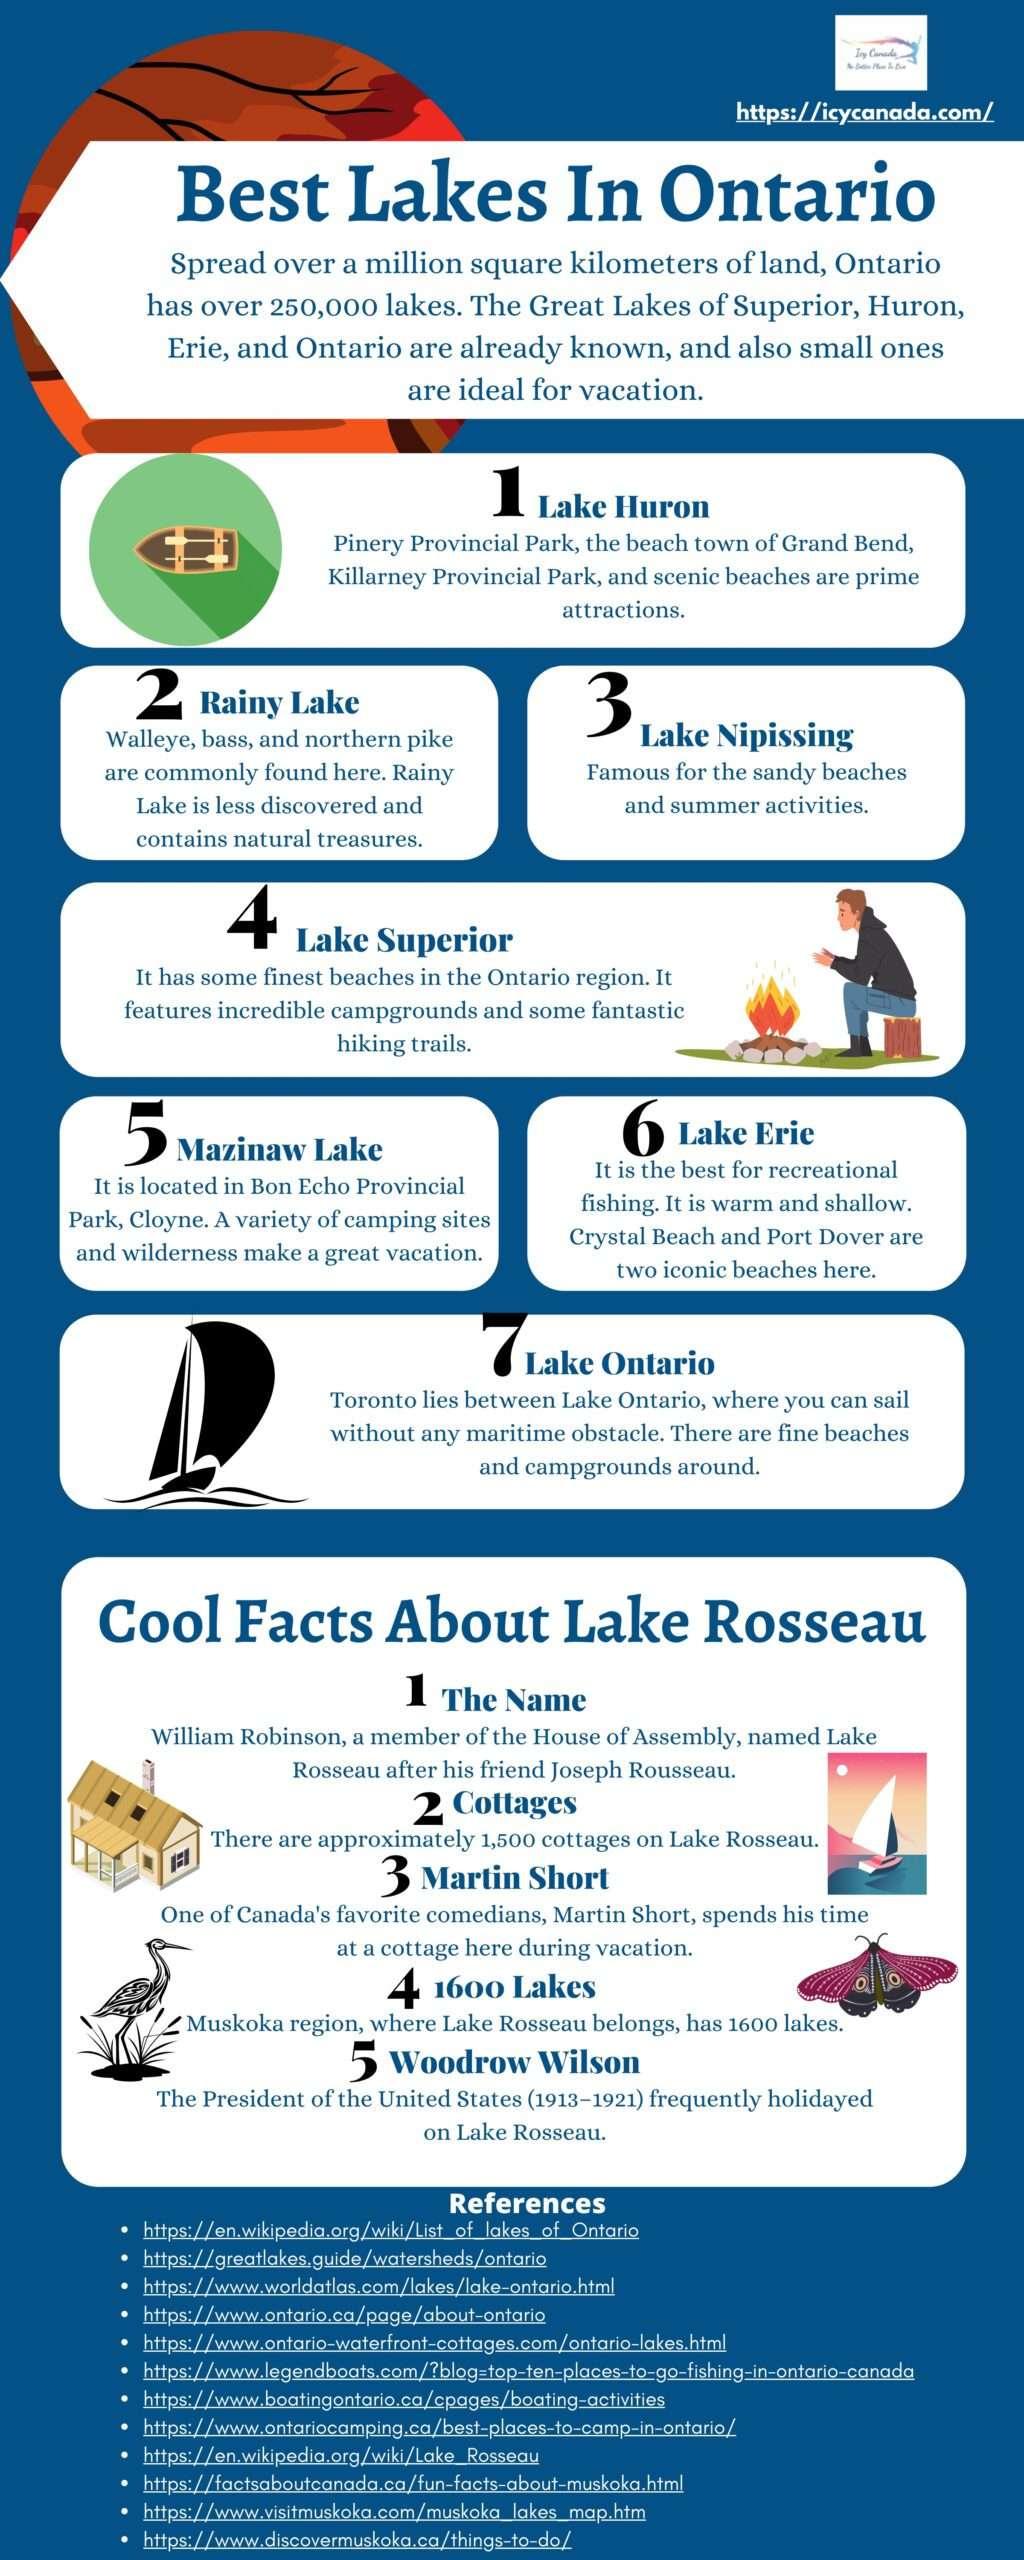 Best Lakes In Ontario